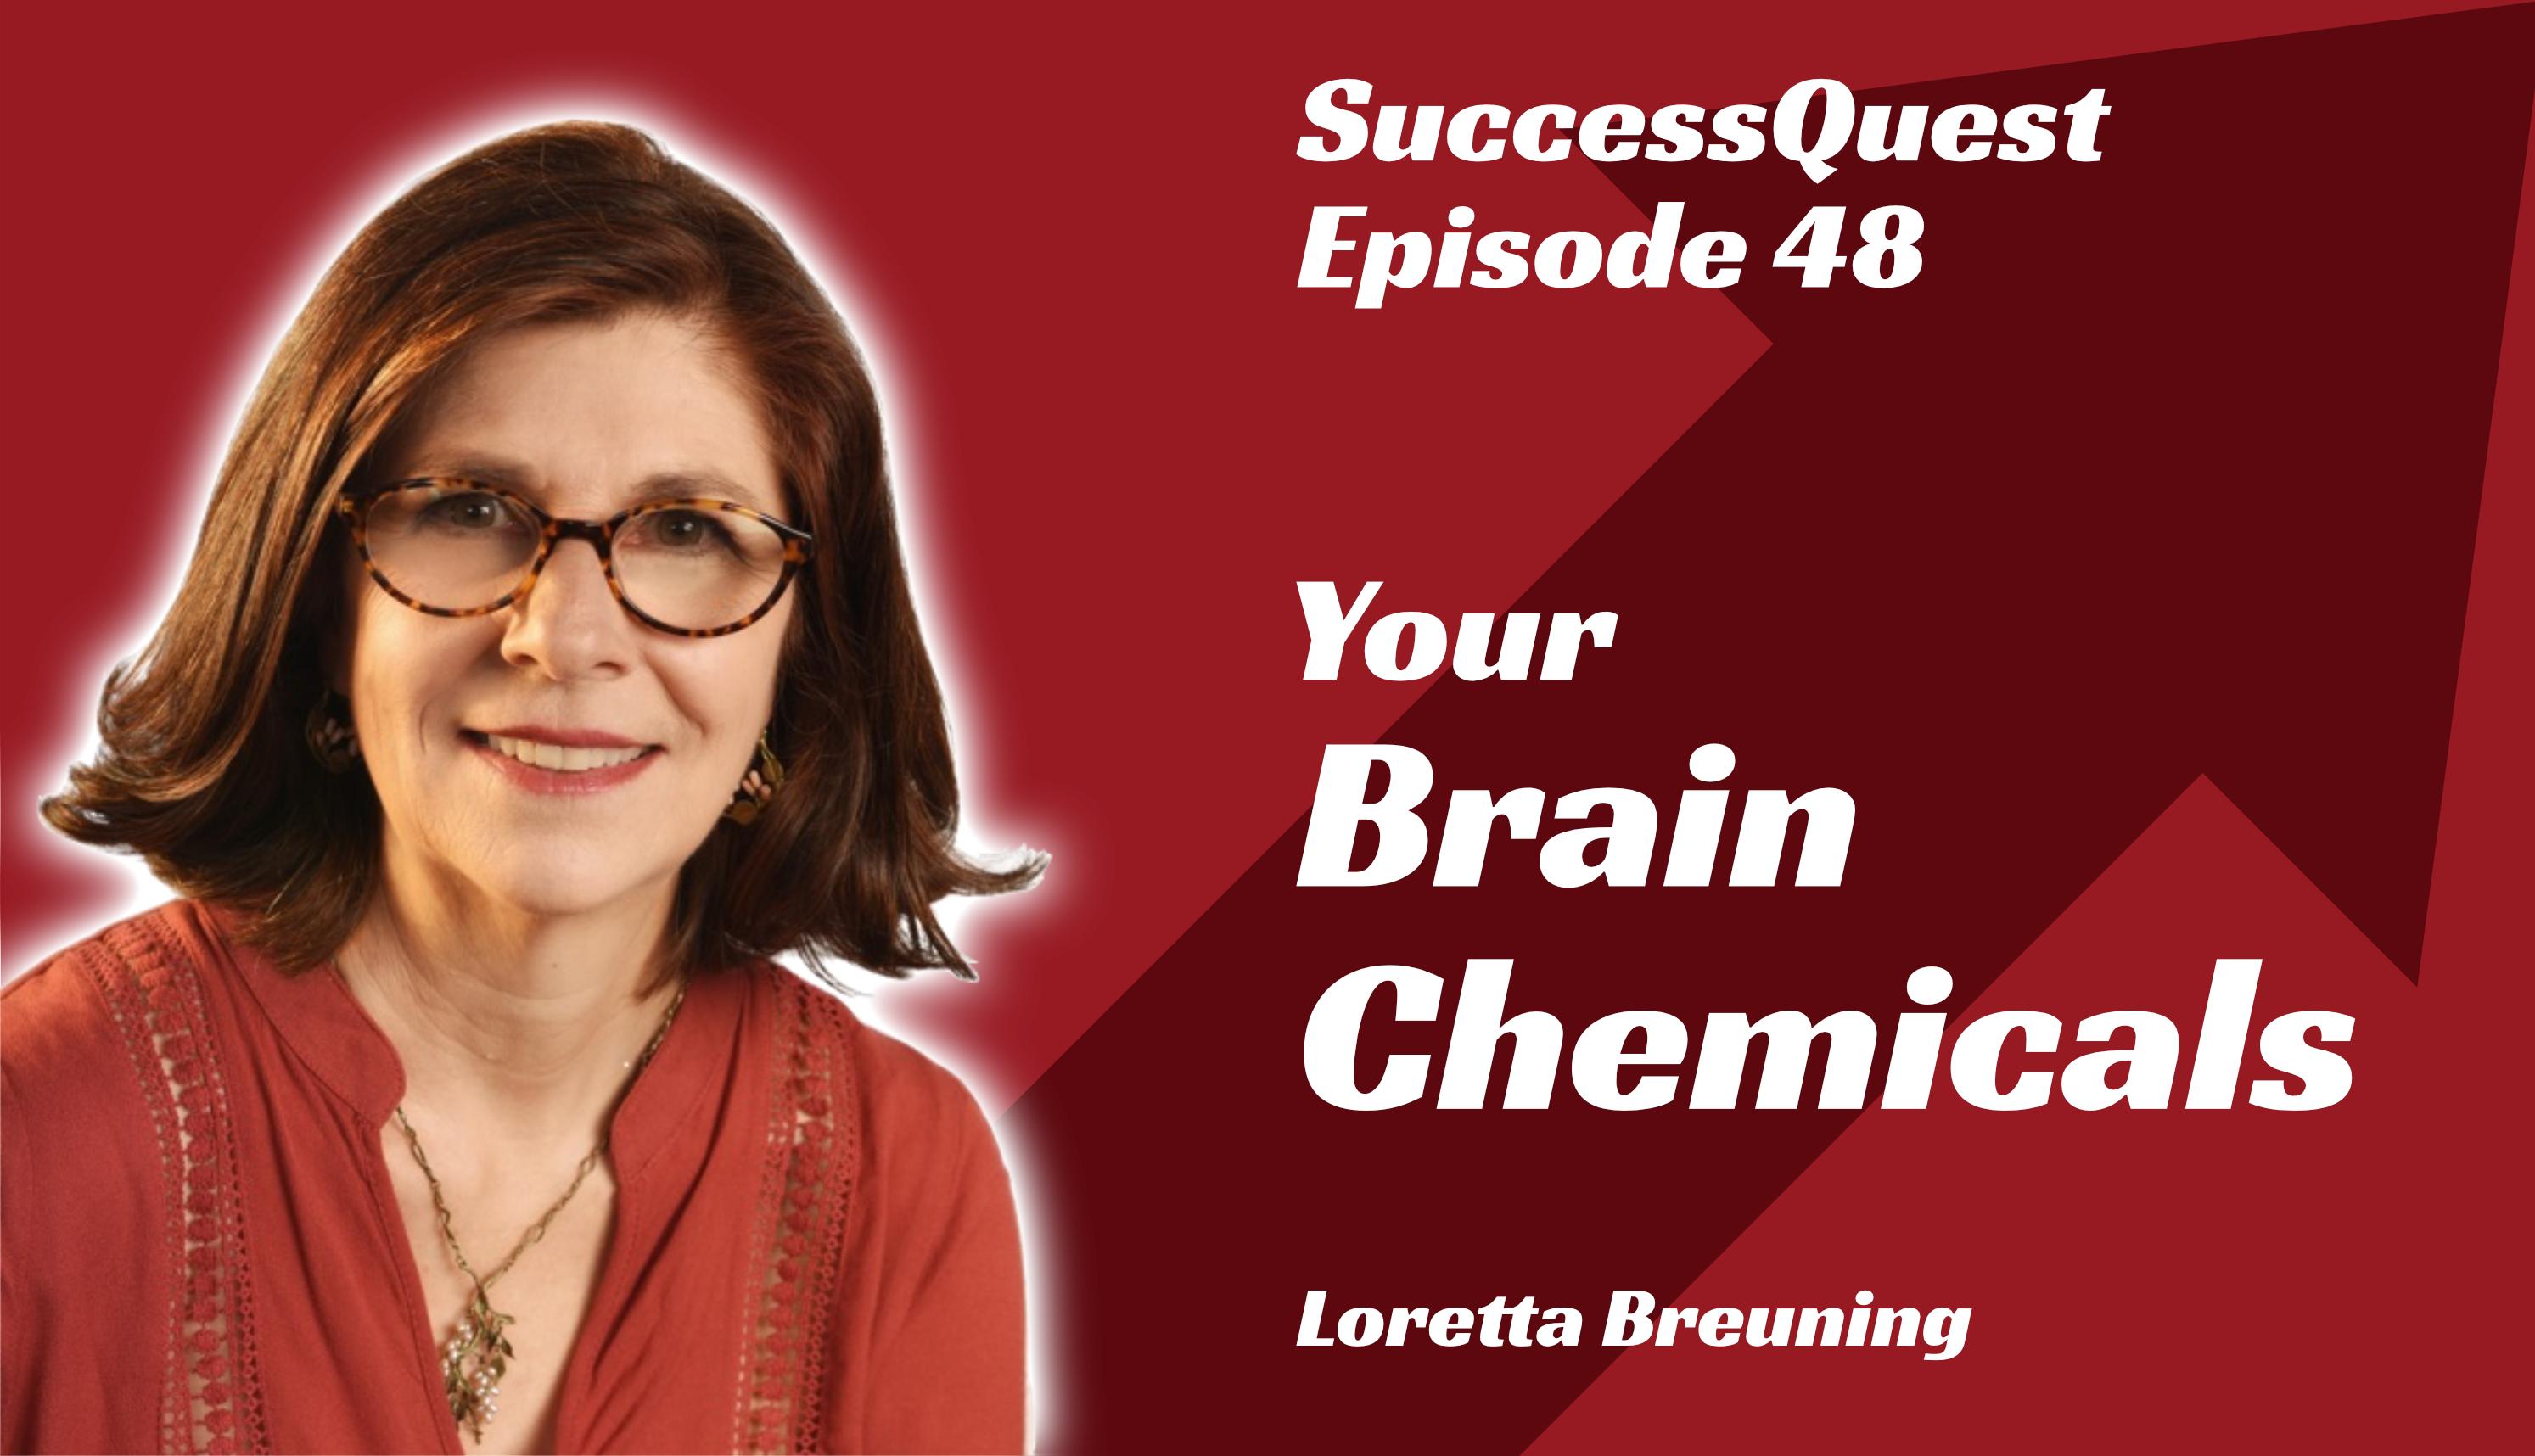 your brain chemicals Loretta Breuning success quest